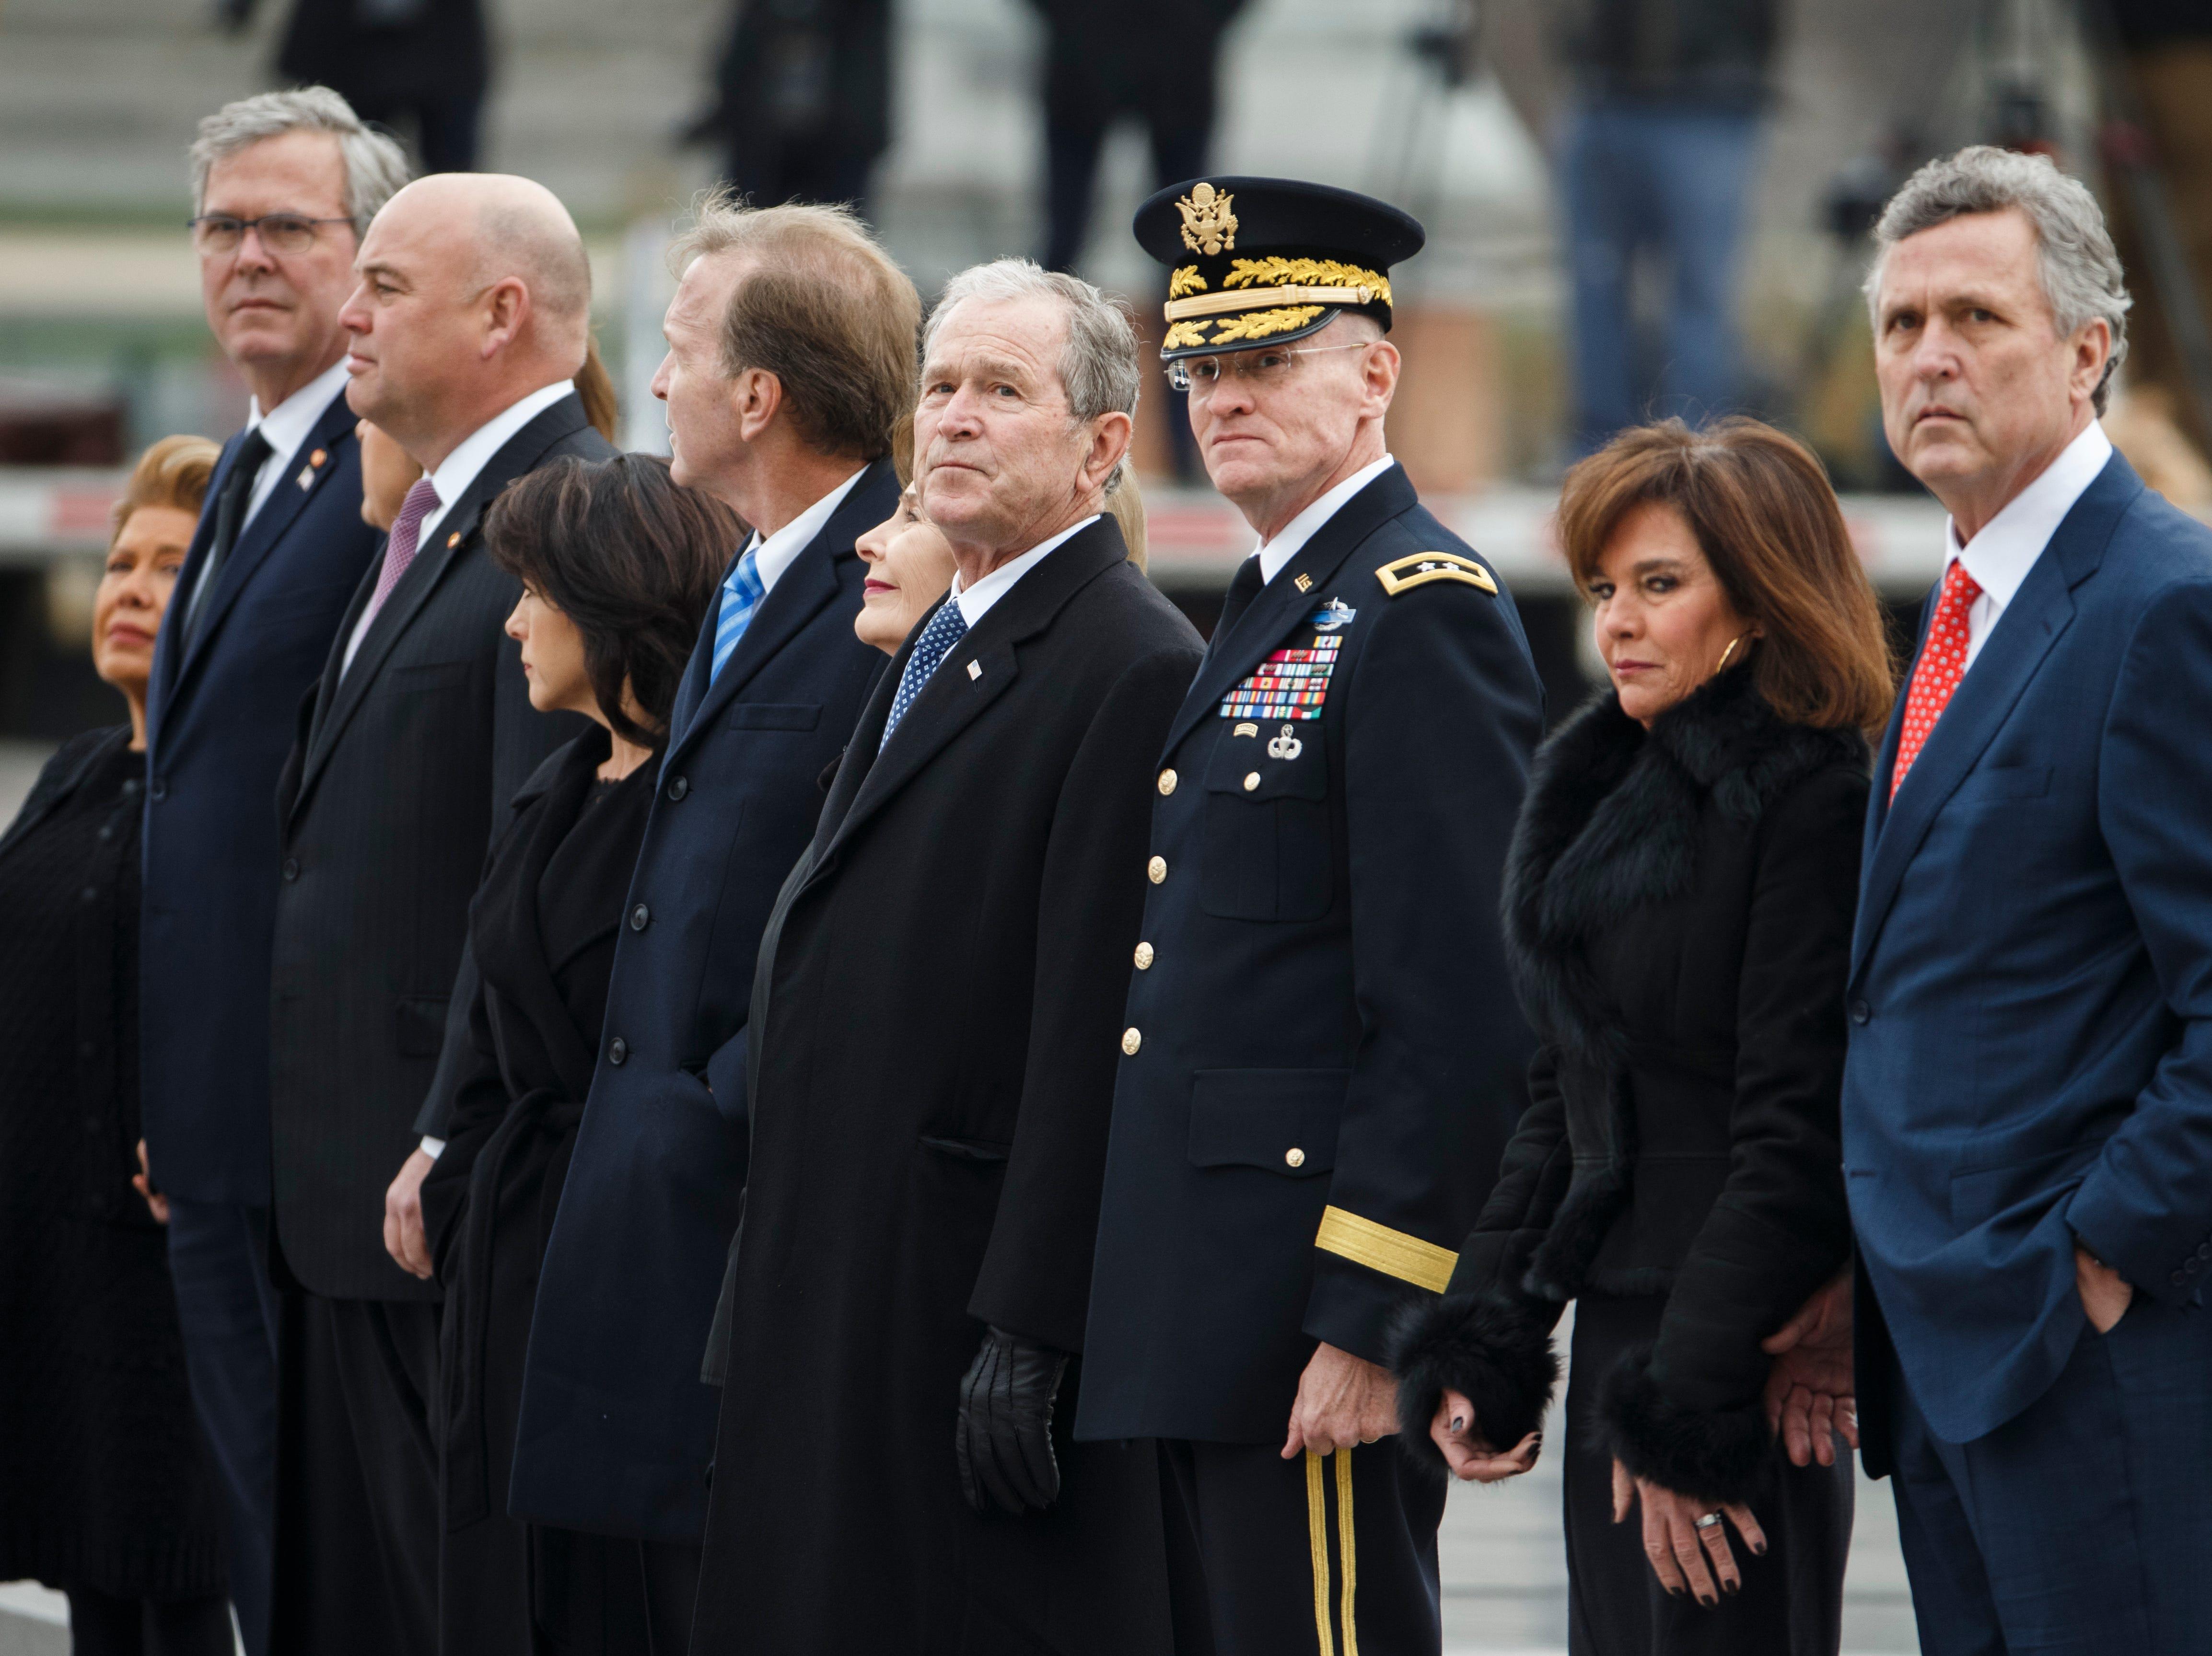 El ex presidente de los EE. UU., George W. Bush y los miembros de la familia Bush, observan como un guardia de honor del servicio conjunto lleva el ataúd del ex presidente de los EE. UU., George H.W. Bush salió del Capitolio de los EE. UU. el 5 de diciembre de 2018 en Washington, DC.